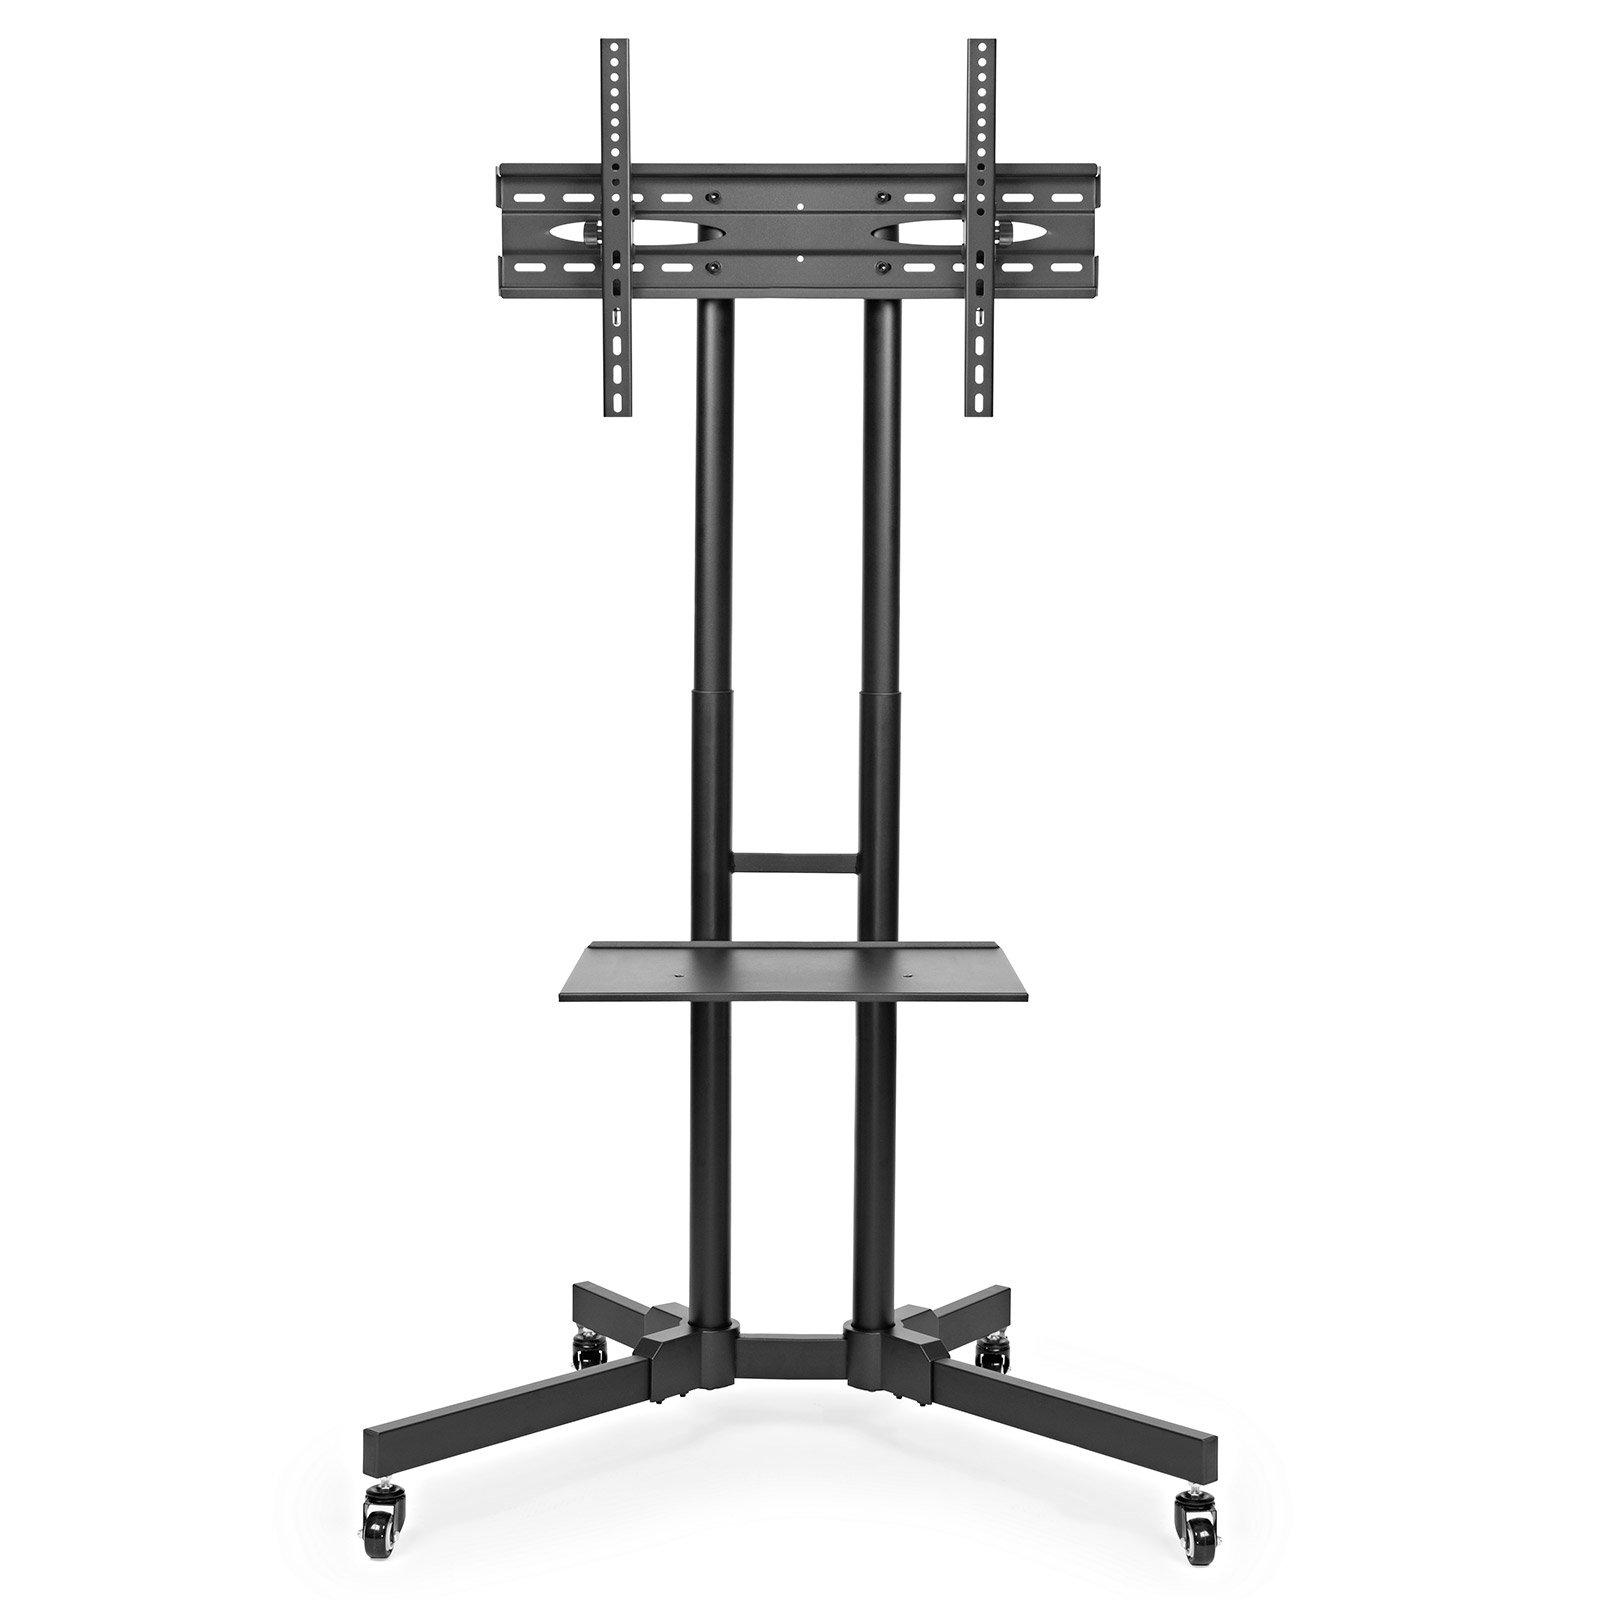 mount factory rolling tv stand mobile tv cart for 32 65 inch plasma screen led ebay. Black Bedroom Furniture Sets. Home Design Ideas